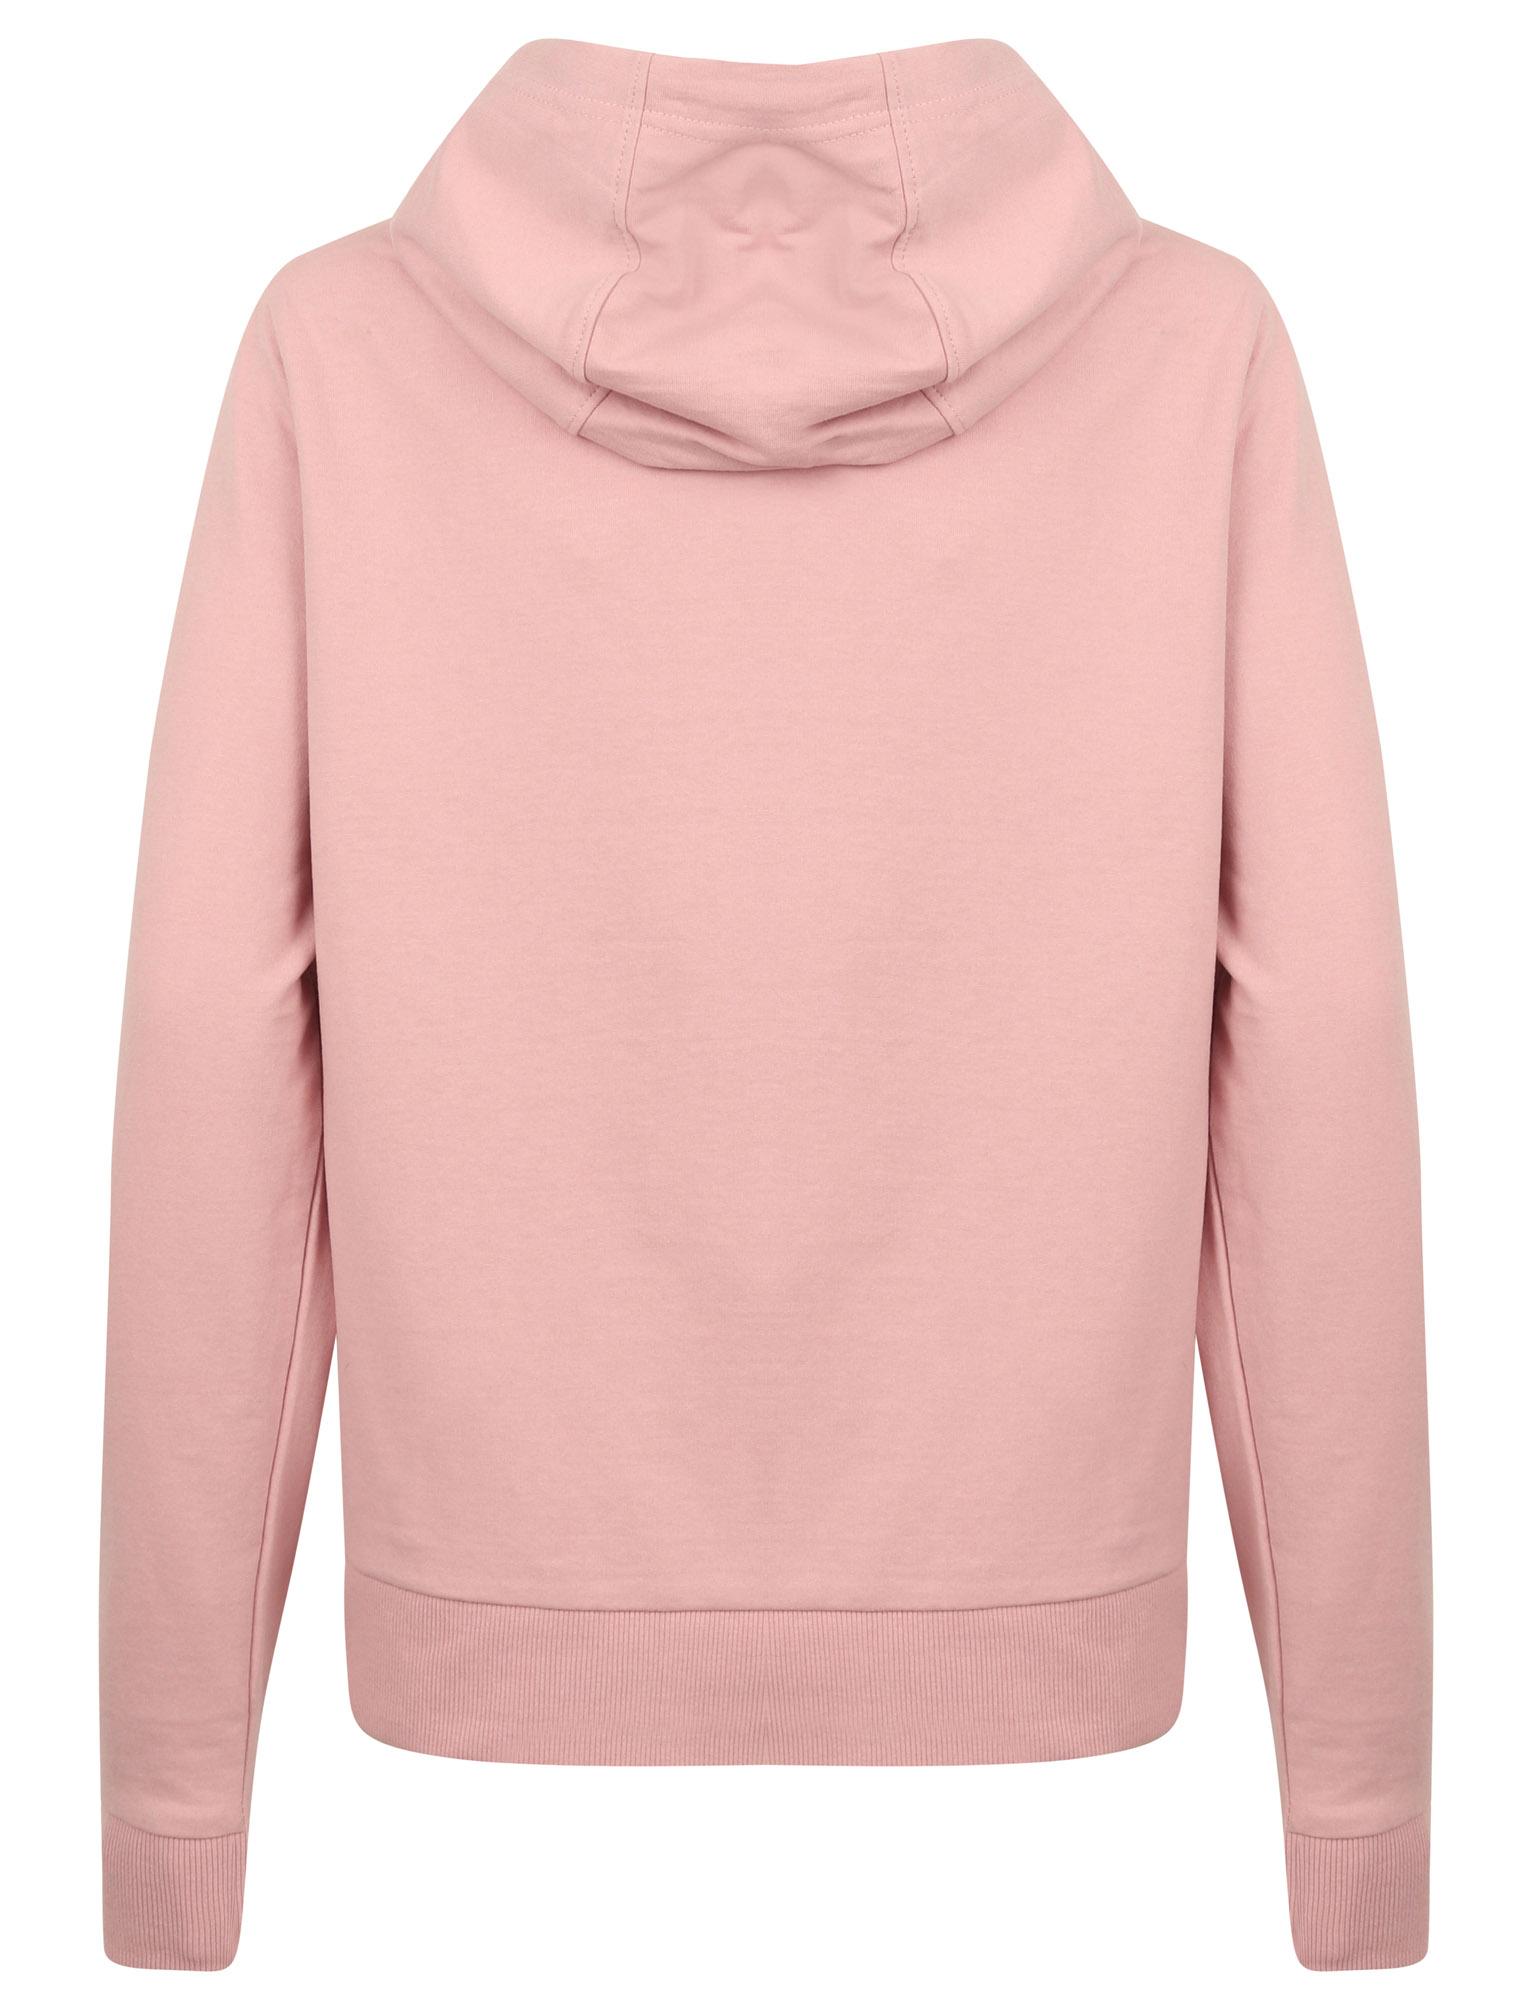 Tokyo Laundry Women/'s Wave Zip Through Hoodie Hooded Top Sweater Jacket Jersey